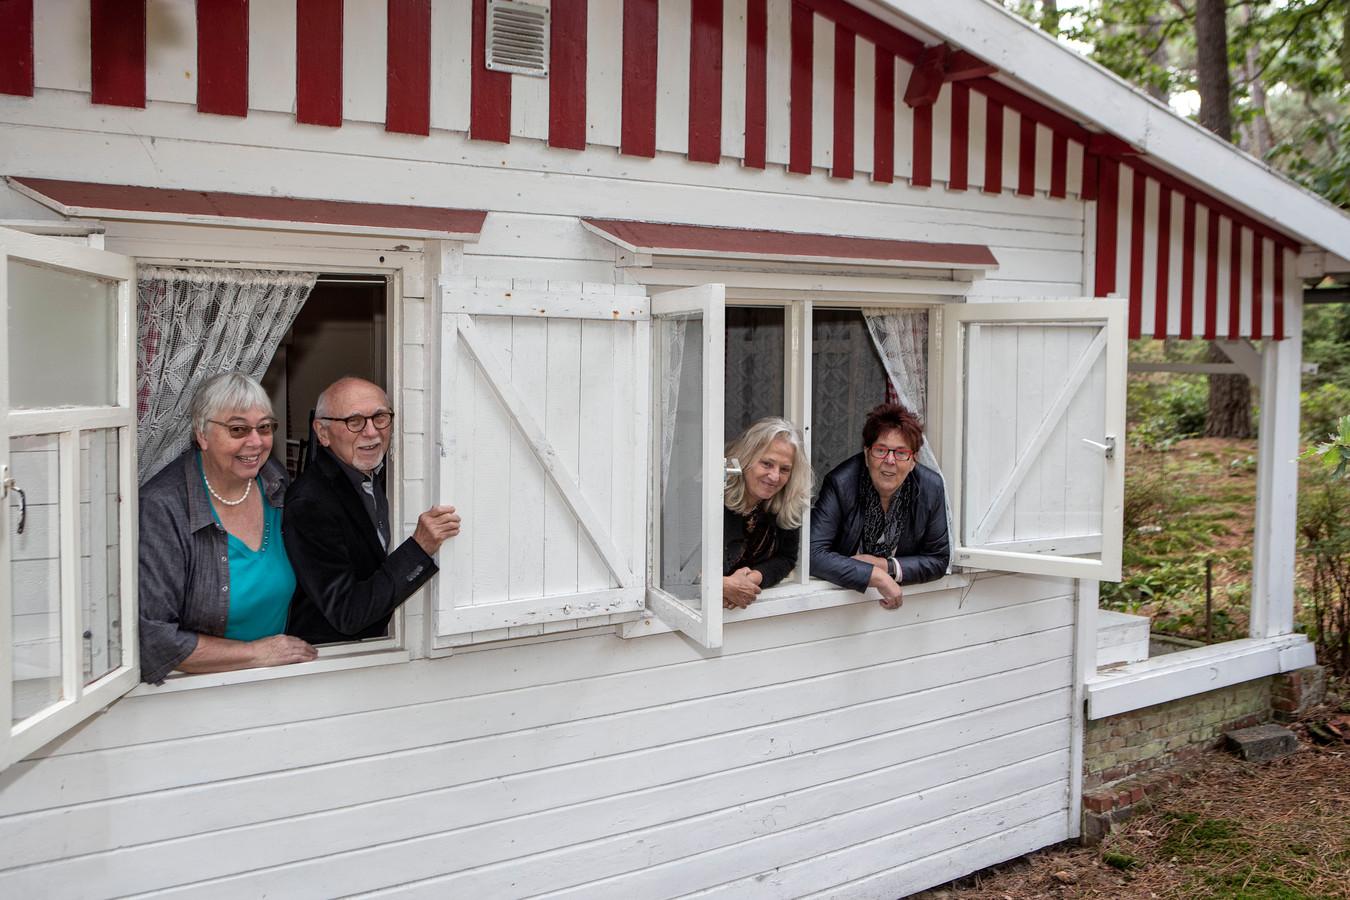 Bewoners van verschillende vakantiehuisjes aan de Balsedreef in Bergen op Zoom.  vlnr: Jacobien Zwagemakers, Jan de Crom, Louise Smit en Corry Damen